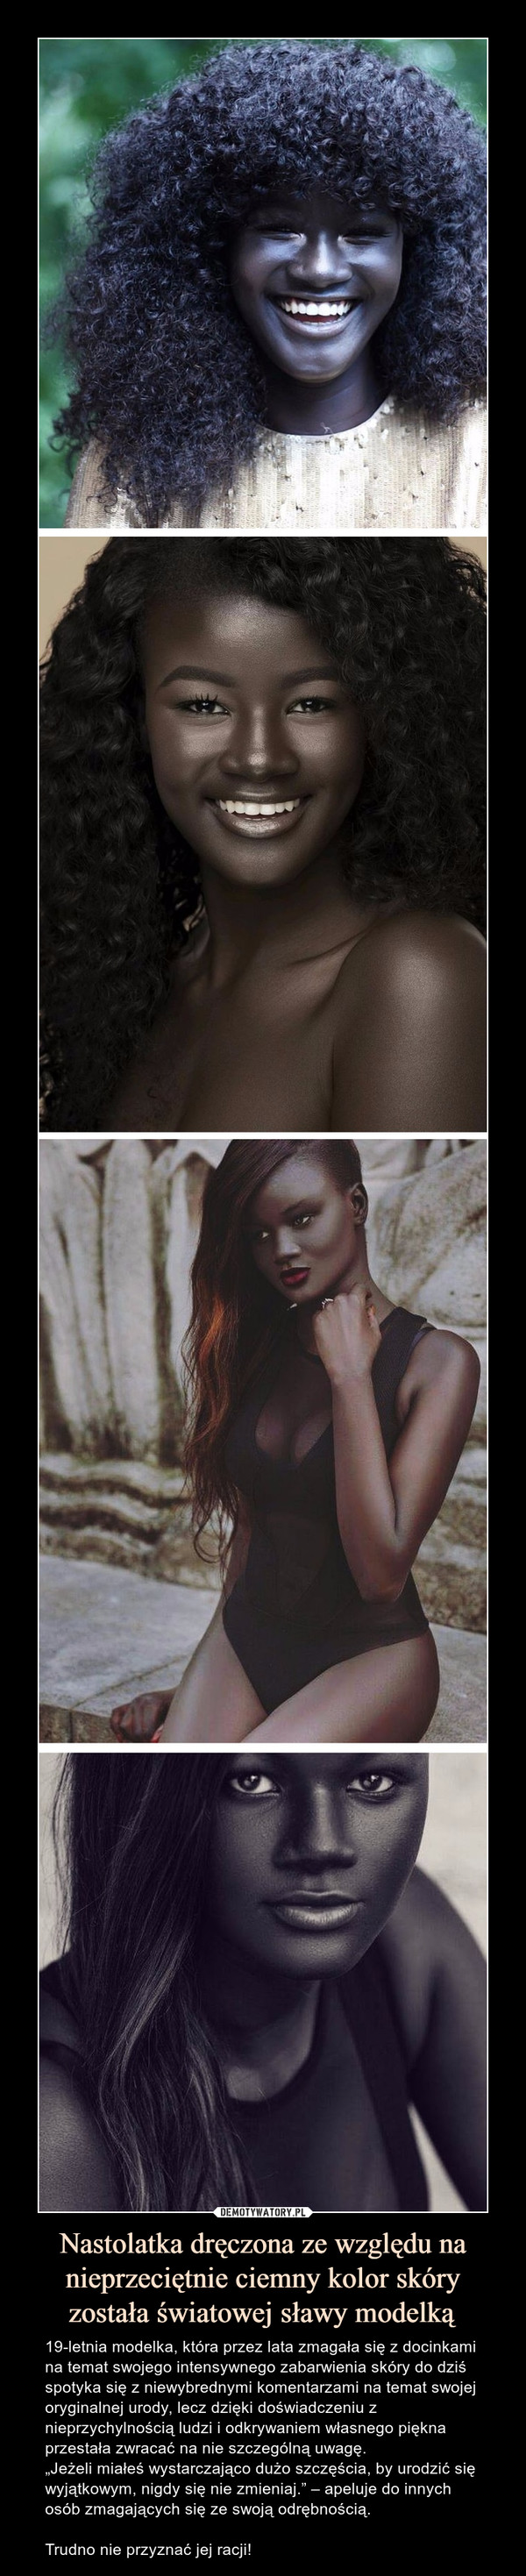 """Nastolatka dręczona ze względu na nieprzeciętnie ciemny kolor skóry została światowej sławy modelką – 19-letnia modelka, która przez lata zmagała się z docinkami na temat swojego intensywnego zabarwienia skóry do dziś spotyka się z niewybrednymi komentarzami na temat swojej oryginalnej urody, lecz dzięki doświadczeniu z nieprzychylnością ludzi i odkrywaniem własnego piękna przestała zwracać na nie szczególną uwagę.""""Jeżeli miałeś wystarczająco dużo szczęścia, by urodzić się wyjątkowym, nigdy się nie zmieniaj."""" – apeluje do innych osób zmagających się ze swoją odrębnością. Trudno nie przyznać jej racji!"""